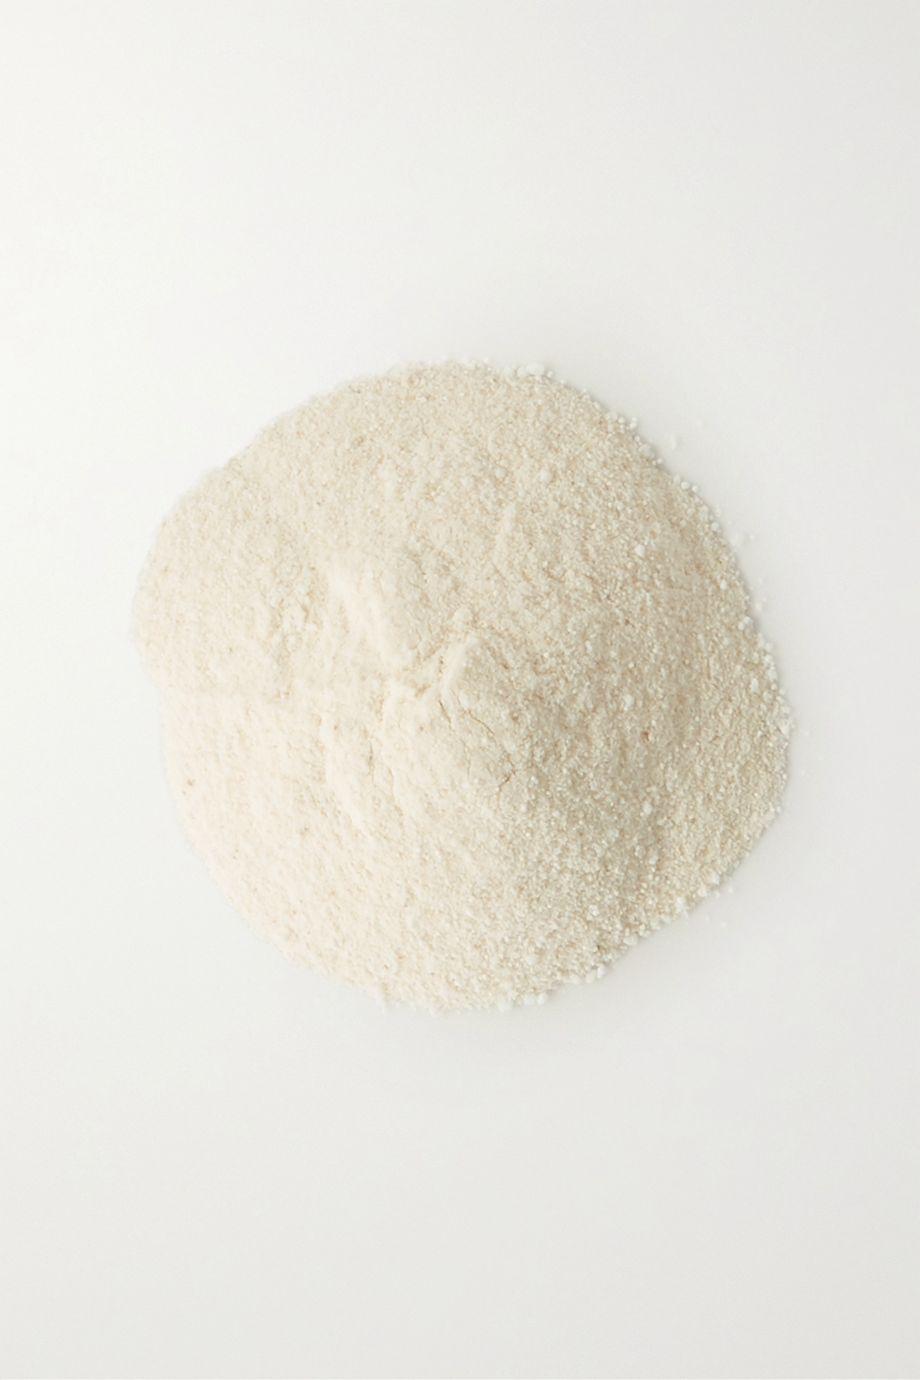 WelleCo Complément alimentaire pour la santé de la flore intestinale à l'inuline prébiotique The Super Booster, 14 x 12,1 g